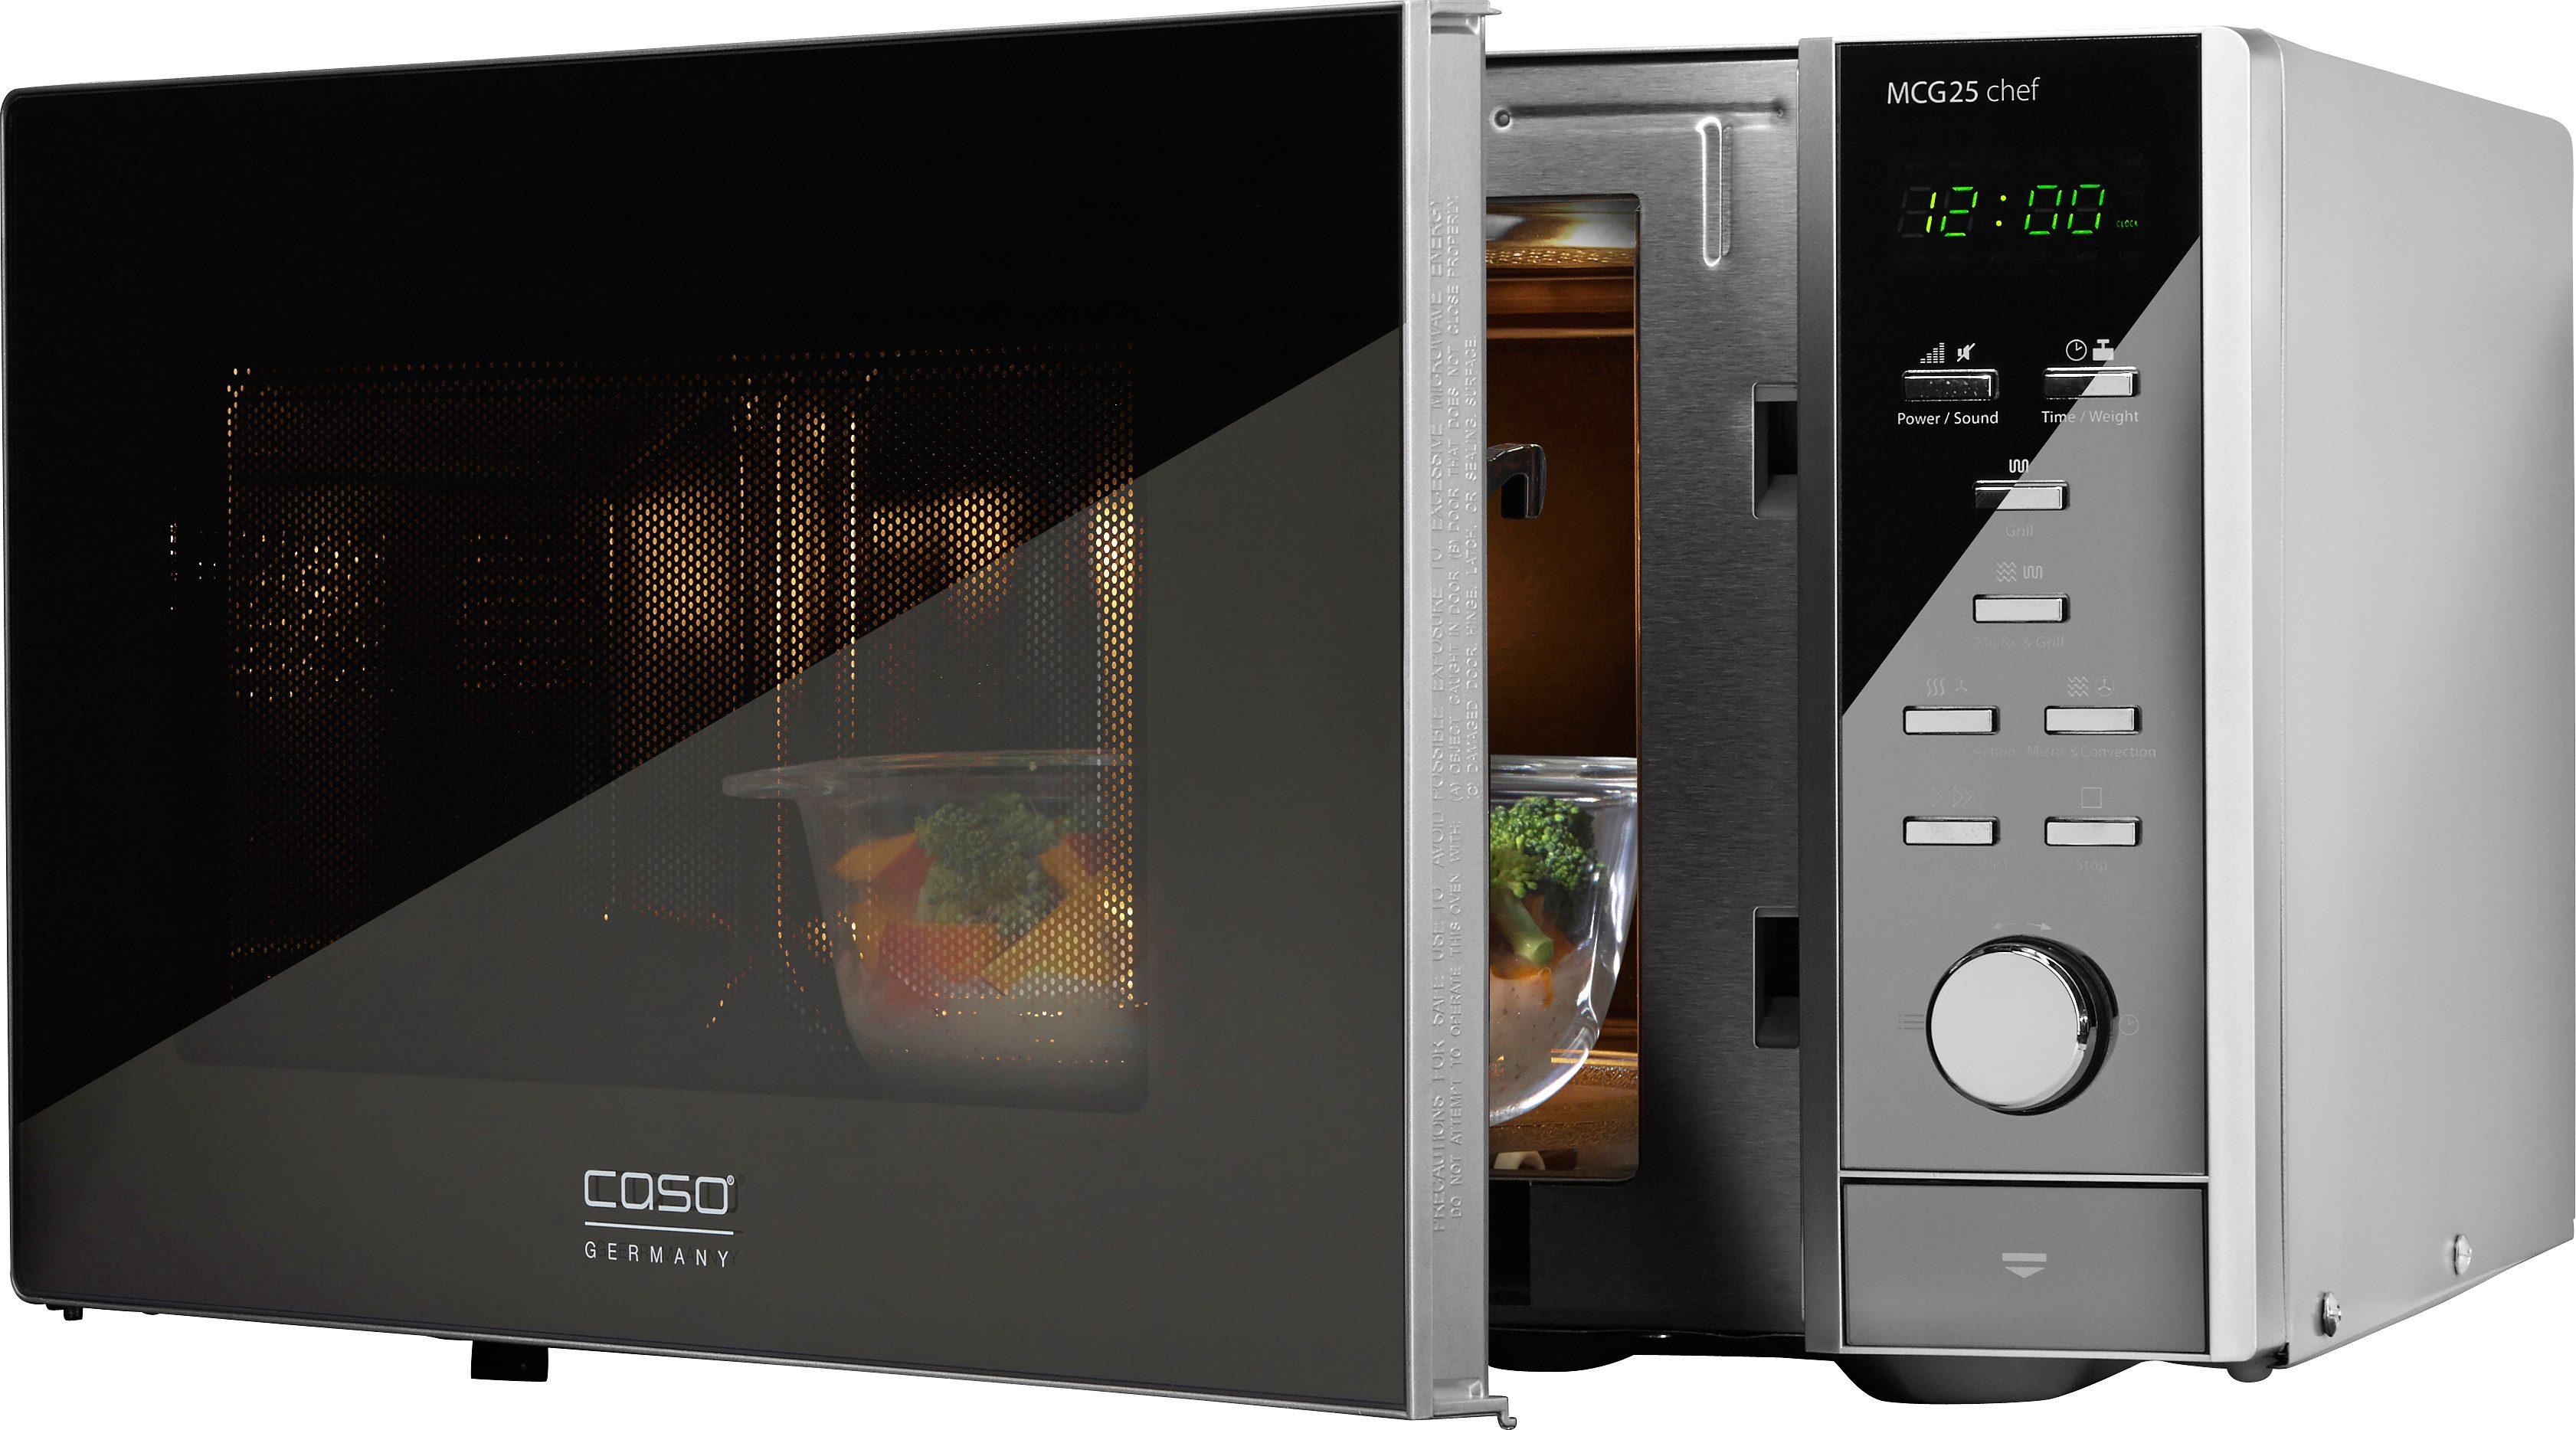 CASO Design Mikrowelle MCG25 Chef, mit Grill und Heißluft, 25 Liter Garraum, 900 Watt